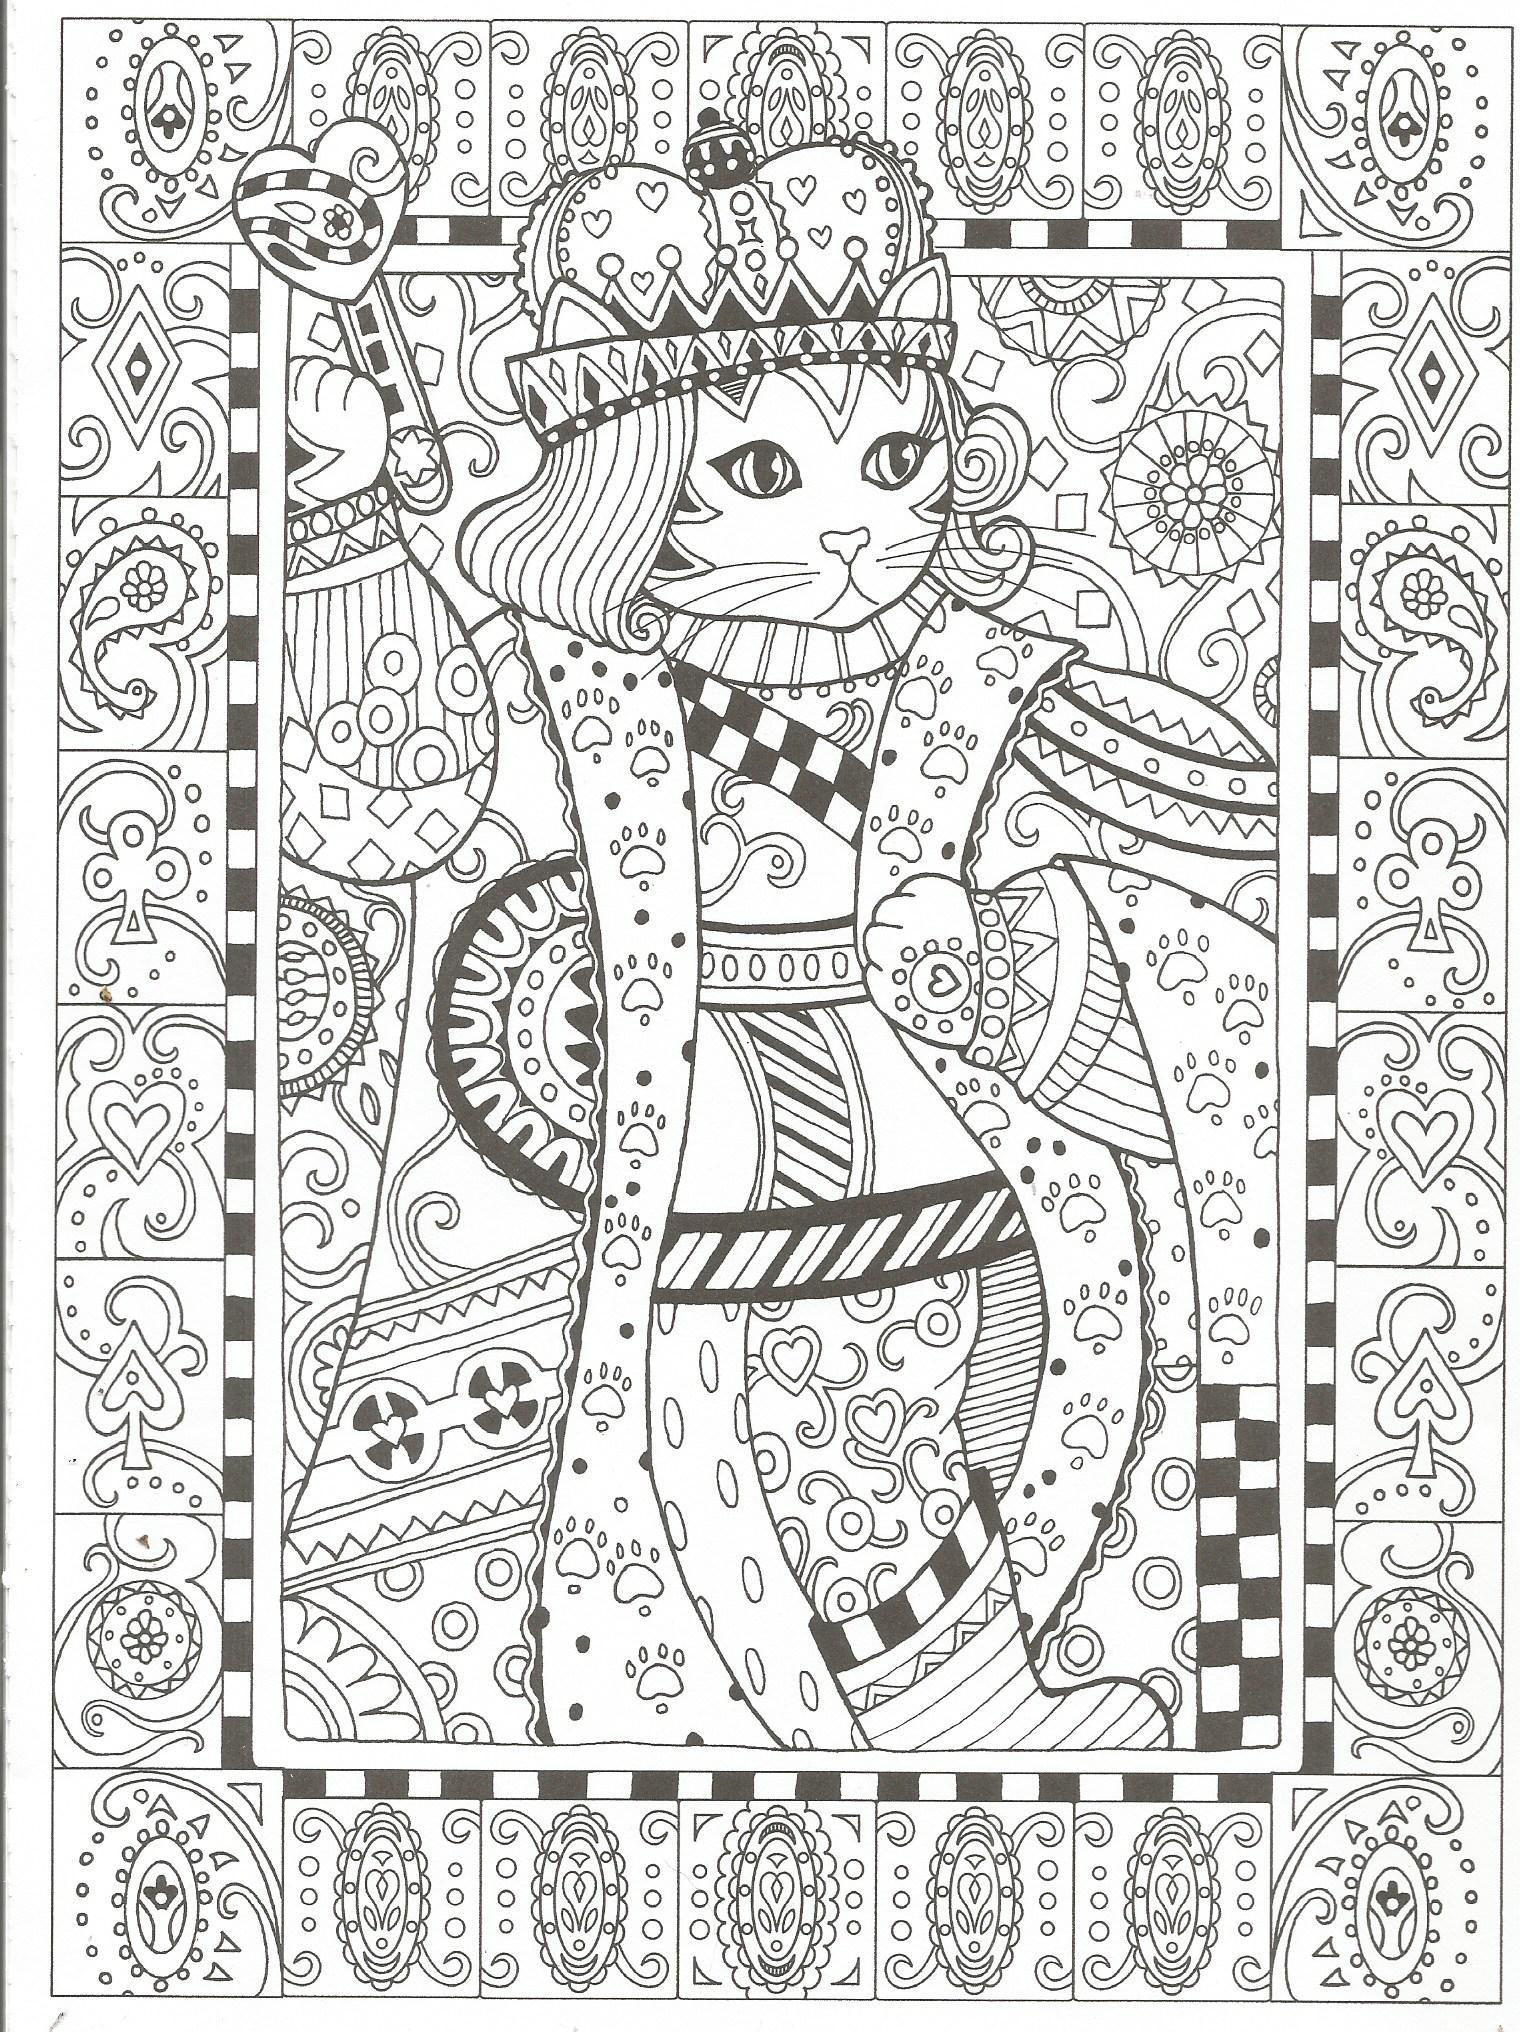 Pin Van Sabine Jp Op Just Cats Coloring 1 Dieren Kleurplaten Kleurboek Kleurplaten